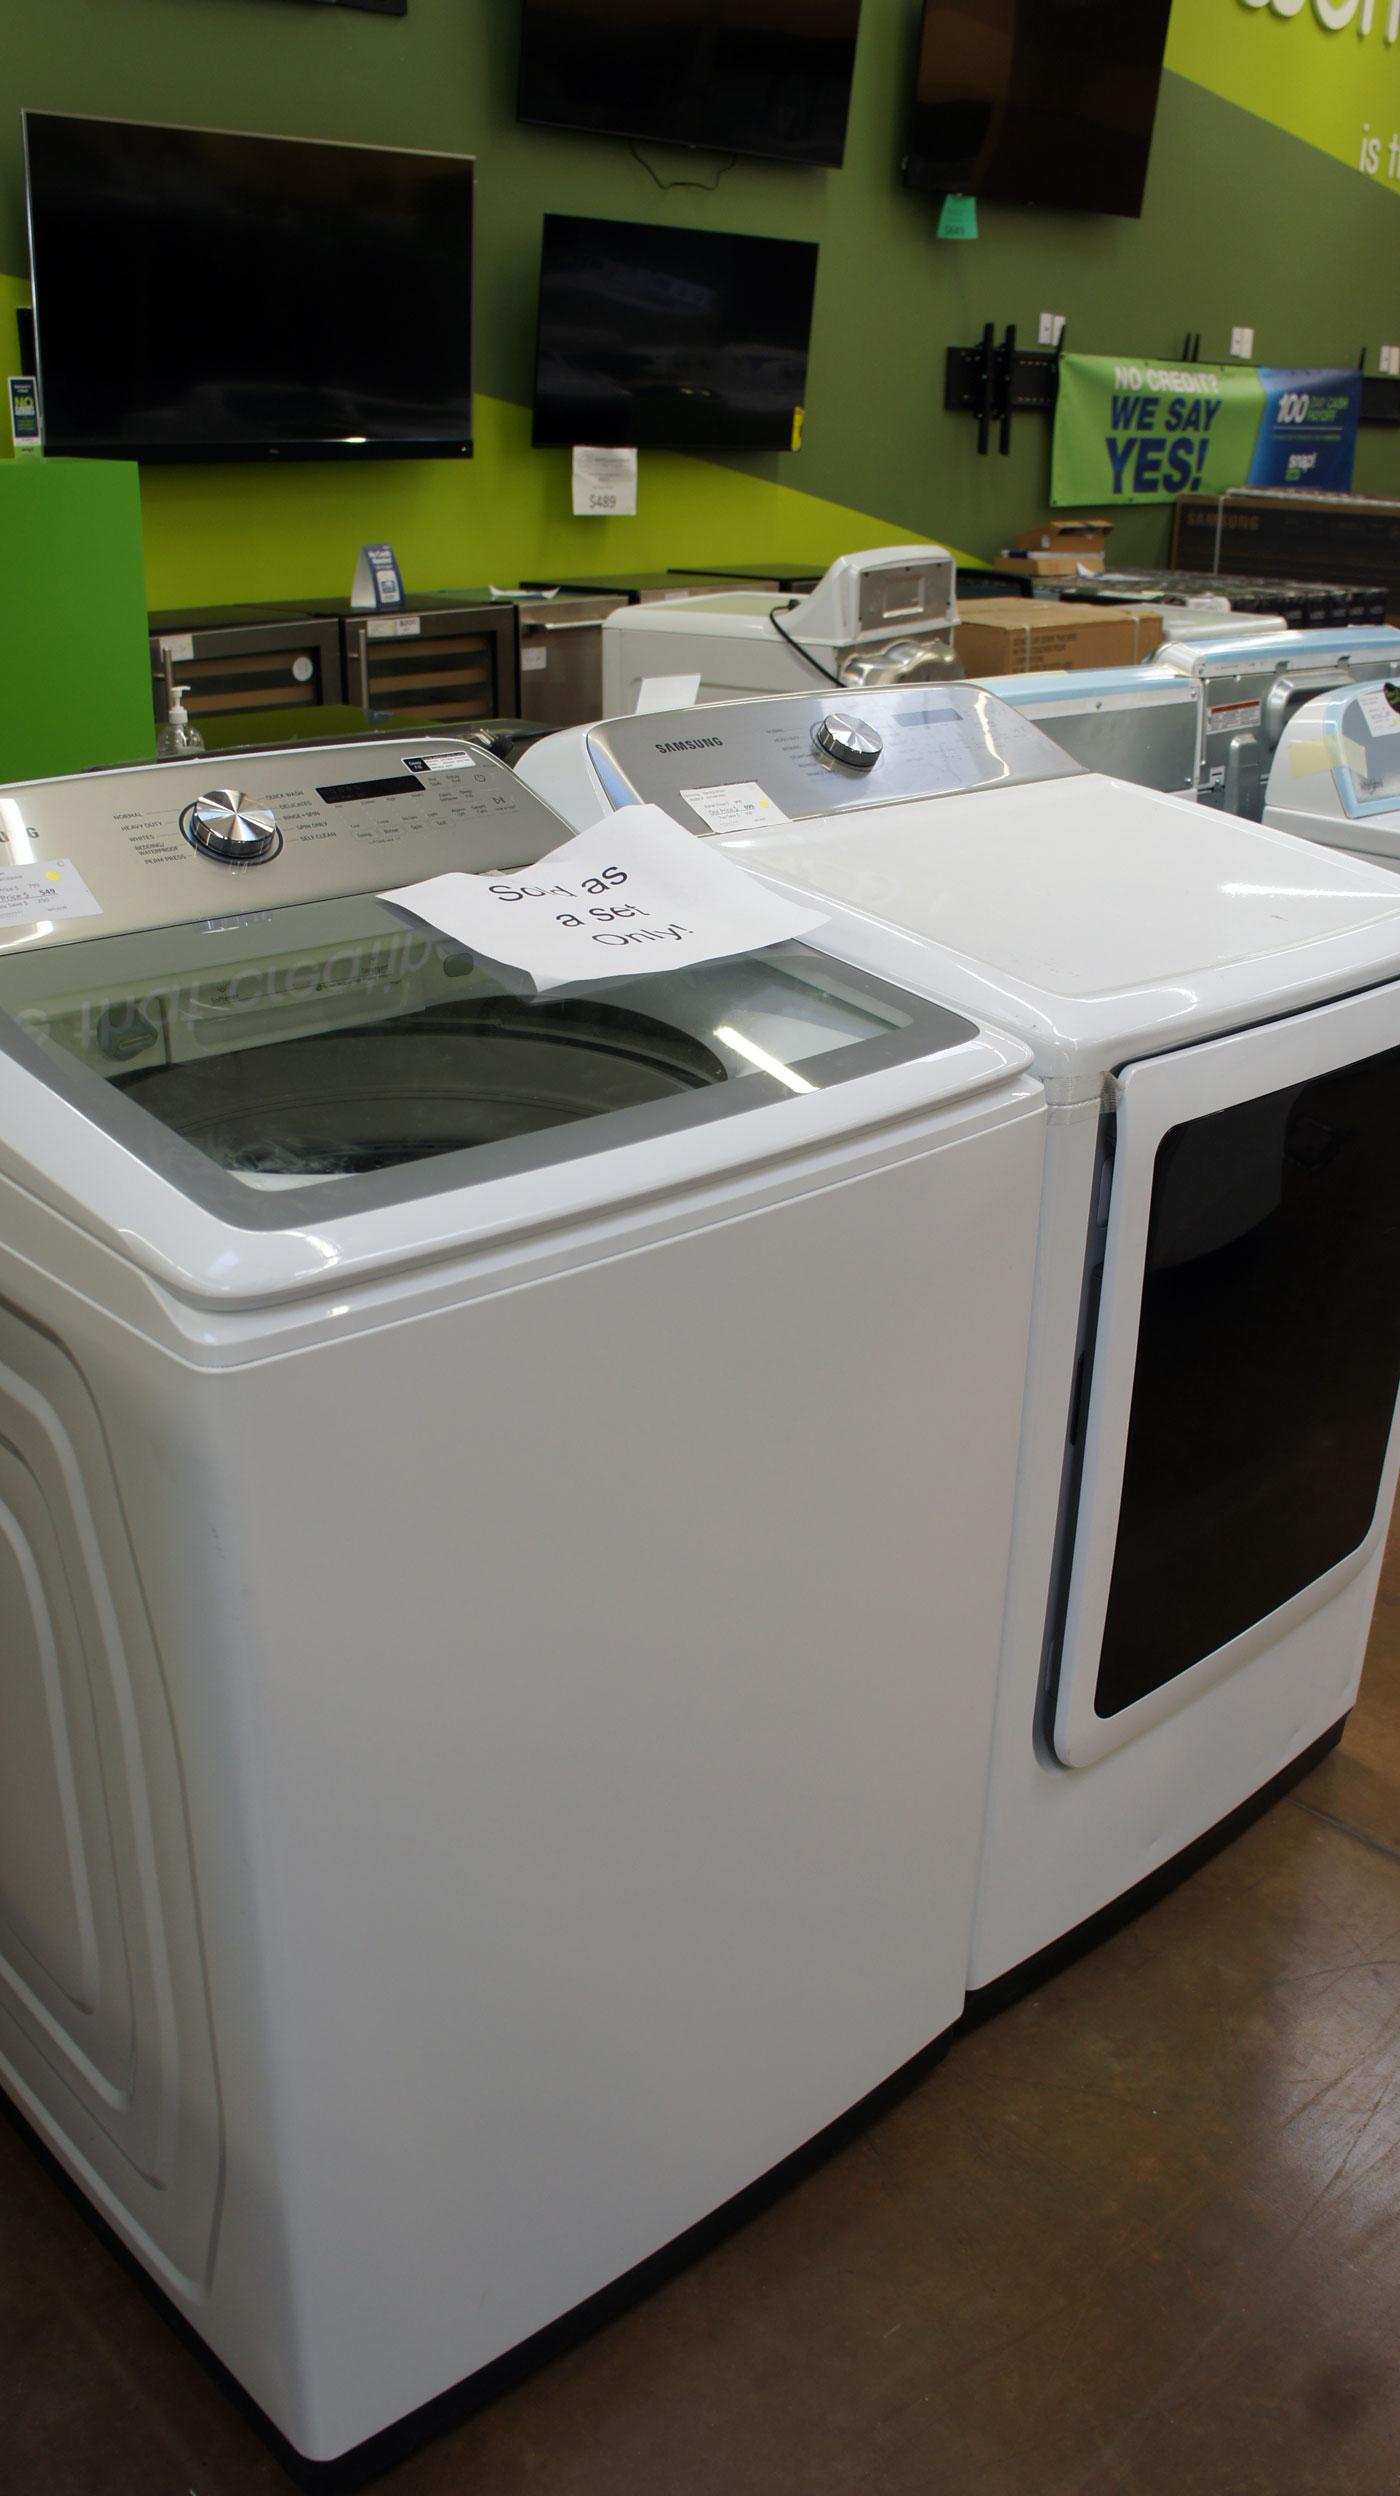 Maytag WA50R5200AW DVE50R5400V Washer Dryer